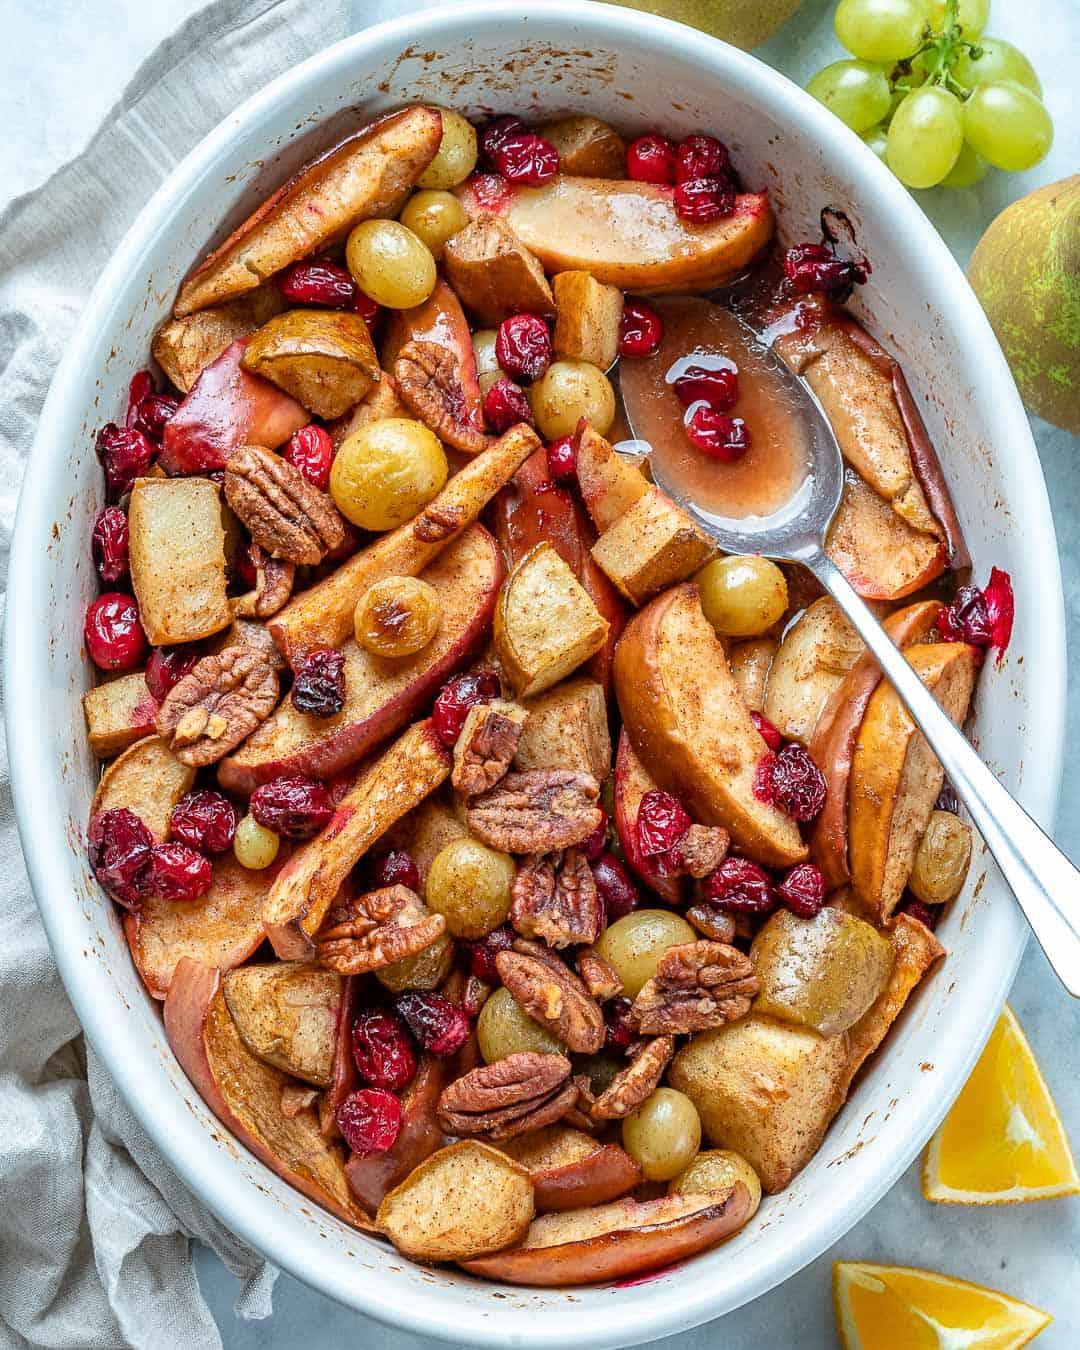 fresh fruit bake dessert recipe